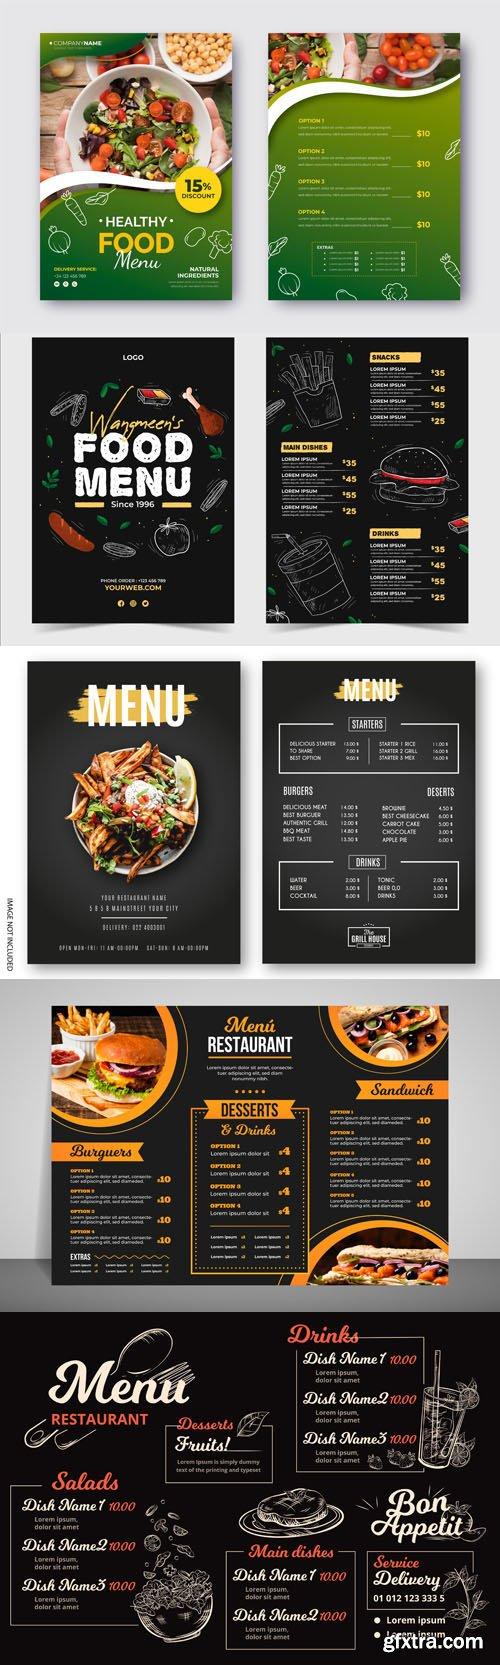 8 Modern Restaurant Menu Vector Templates